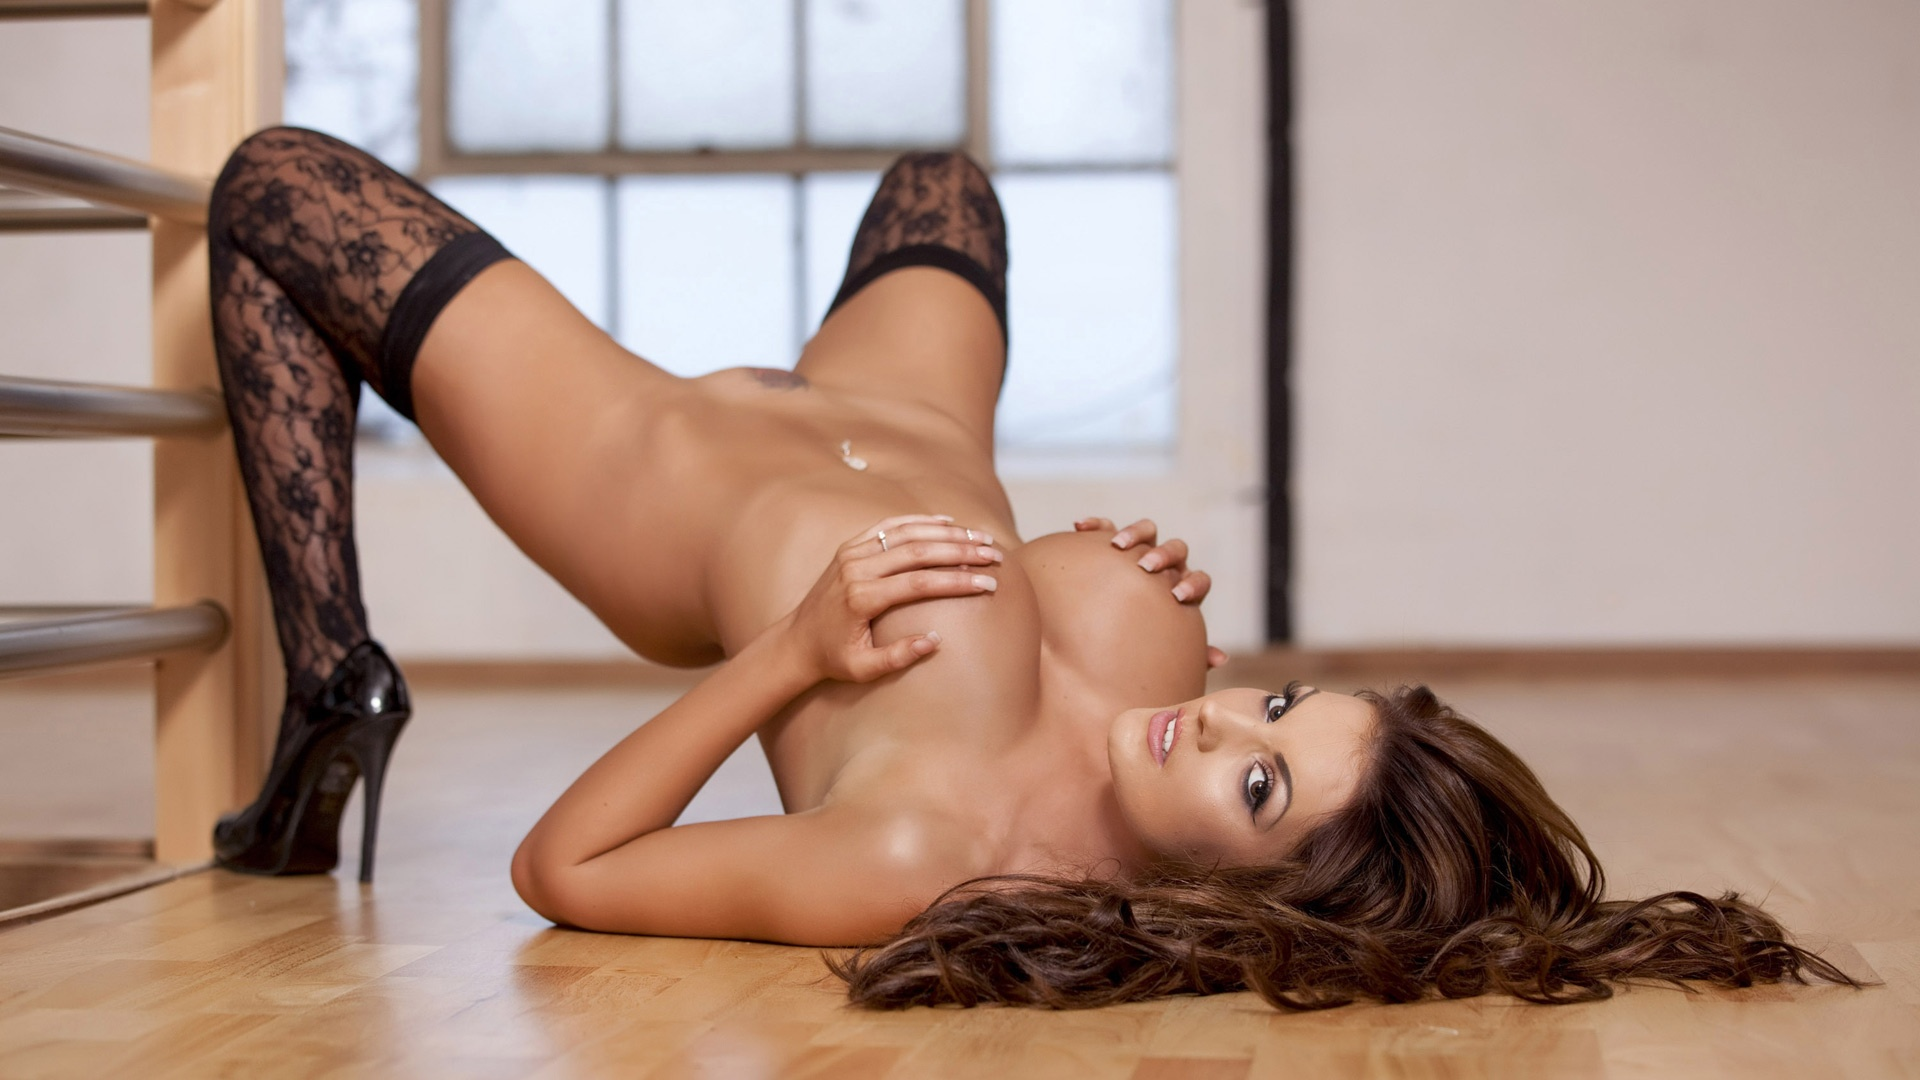 mfm amateurs nude